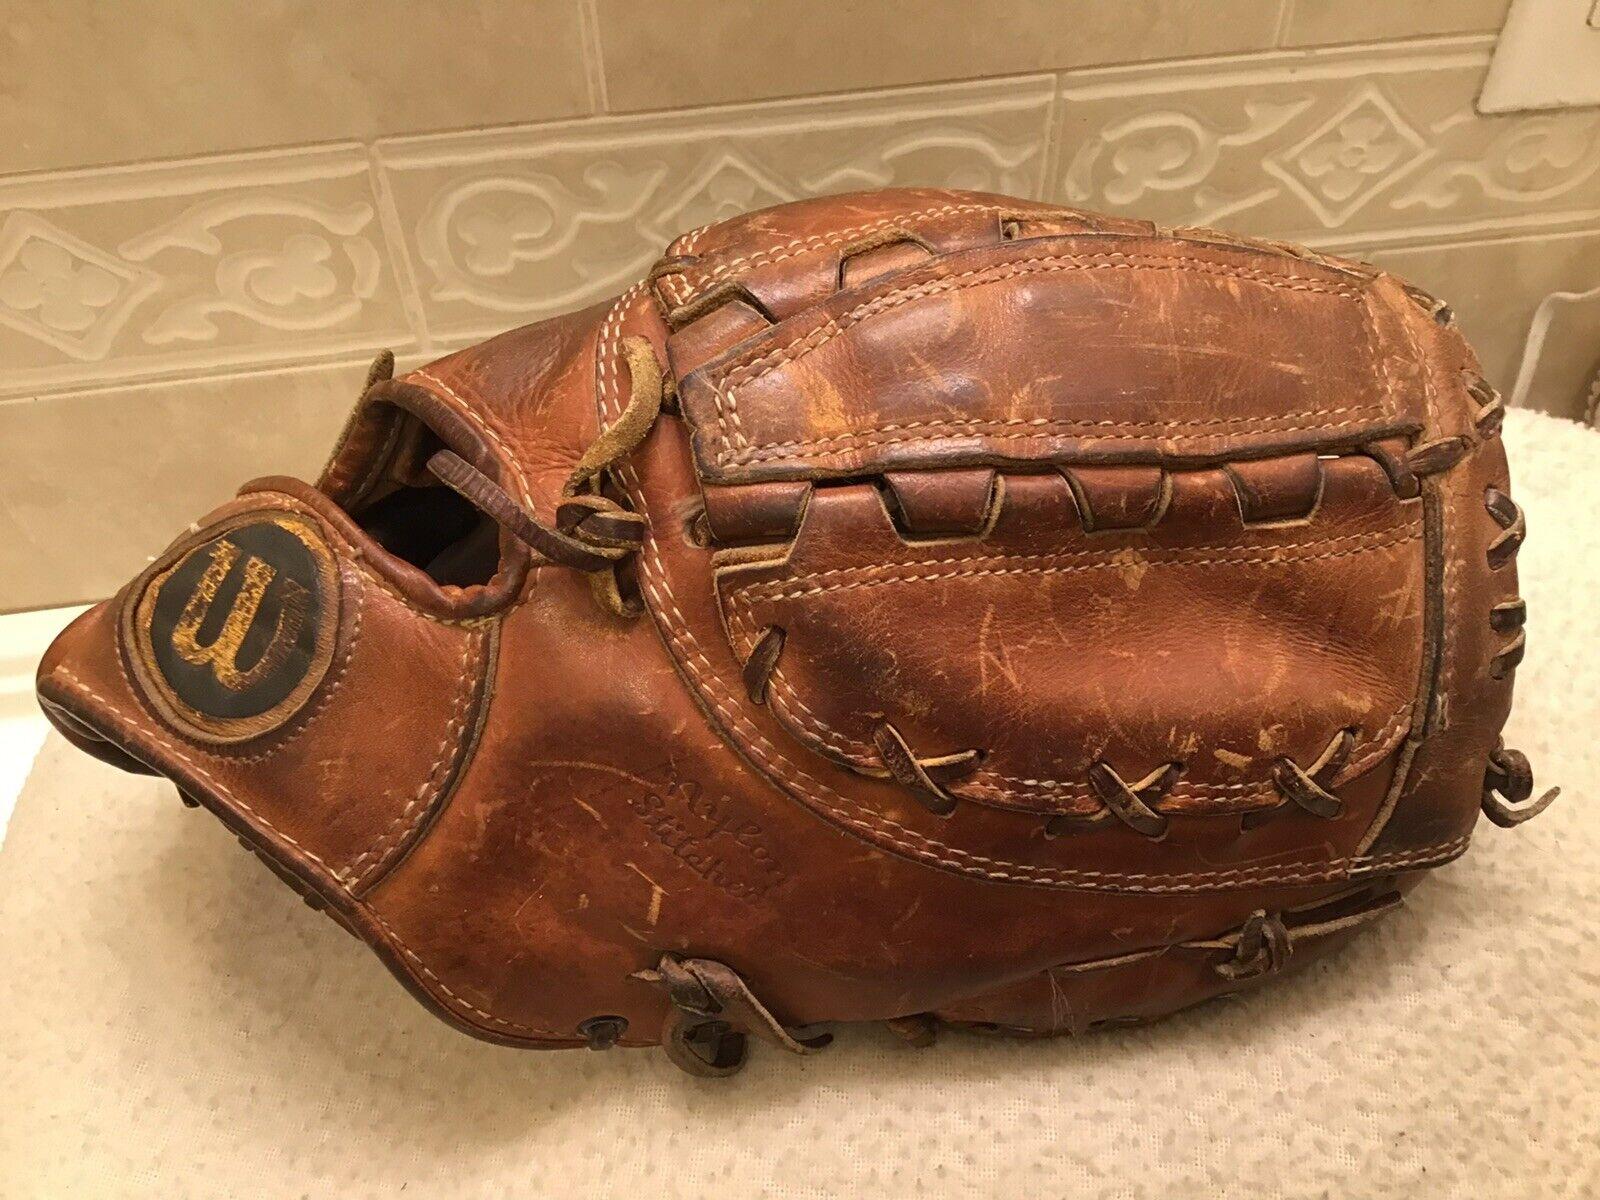 Wilson usa A2800 A2800 12.75  béisbol Softbol First Base Mitt Tiro Mano derecha